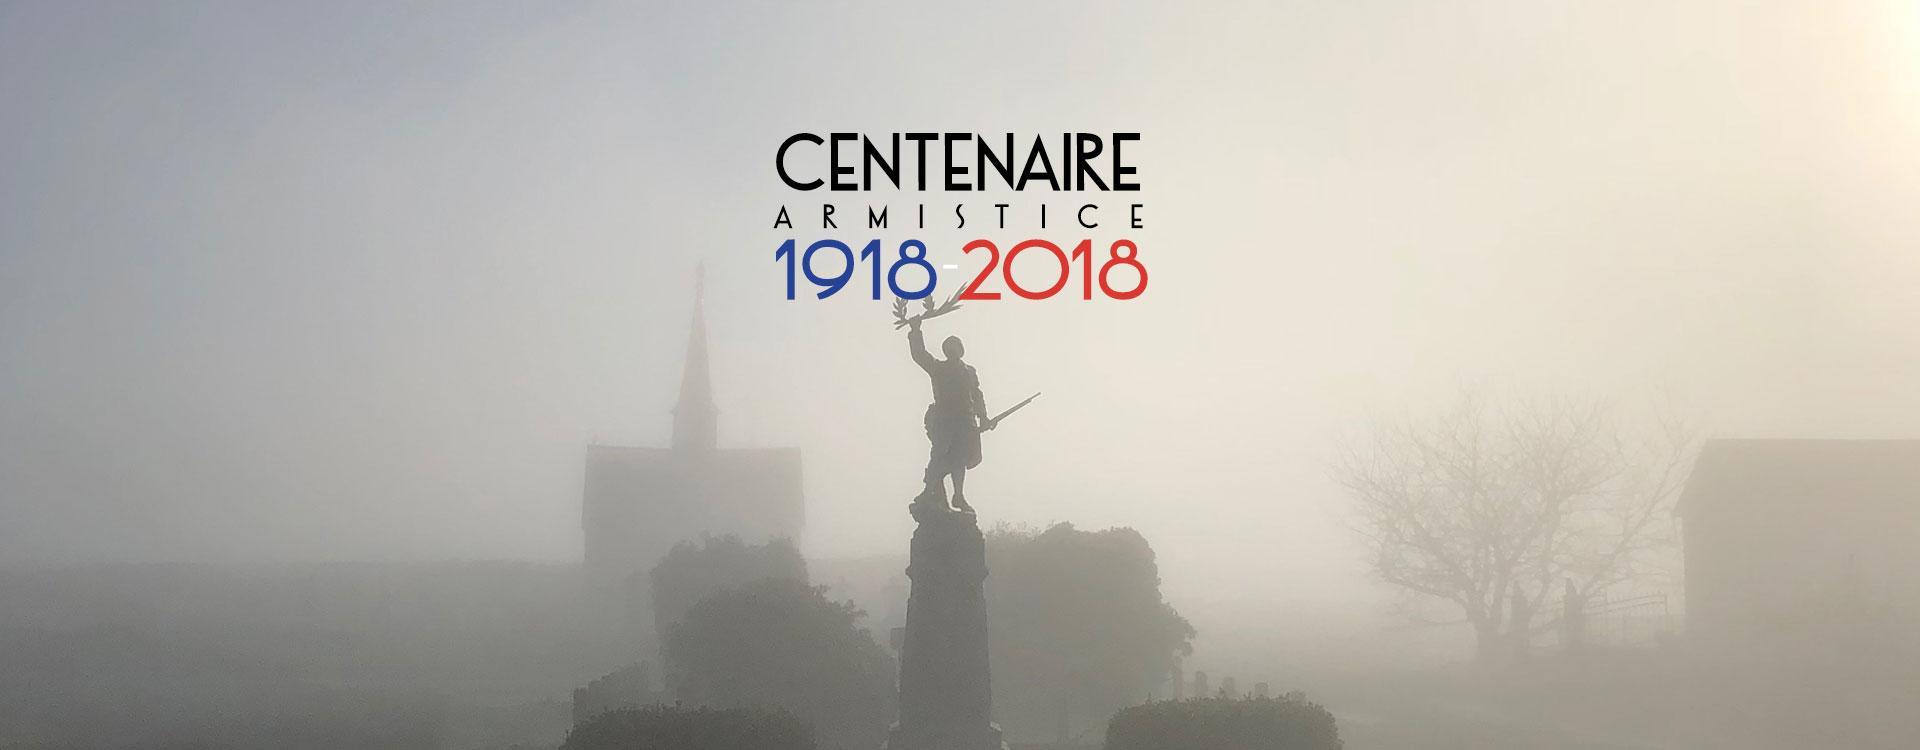 Centenaire Armistice 1918 - 2018